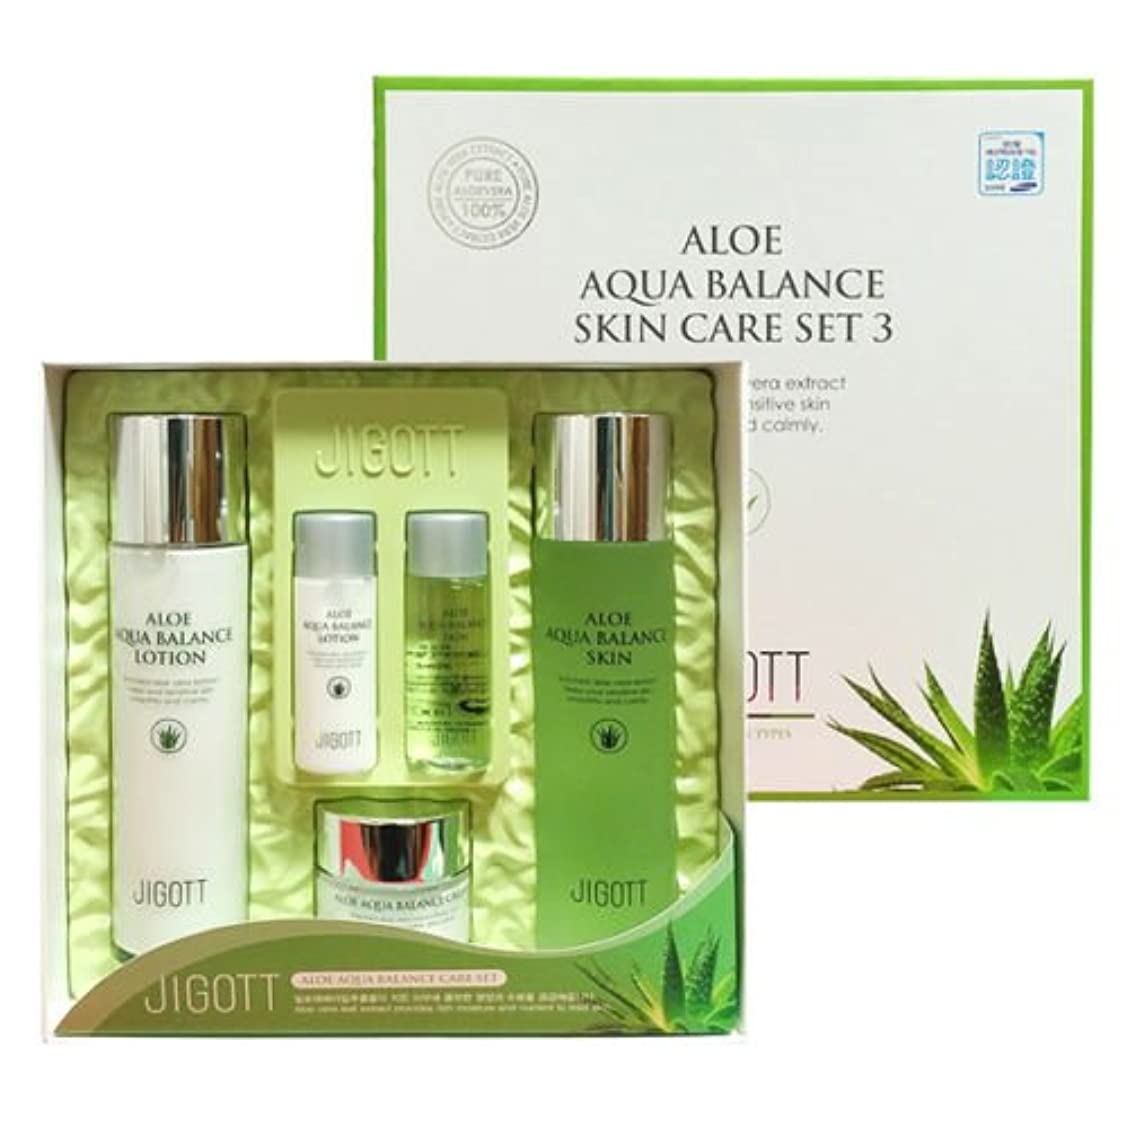 レジ関数購入ジゴトゥ[韓国コスメJigott]Aloe Aqua Balance Skin Care 3 Set アロエアクアバランススキンケア3セット樹液,乳液,クリーム [並行輸入品]